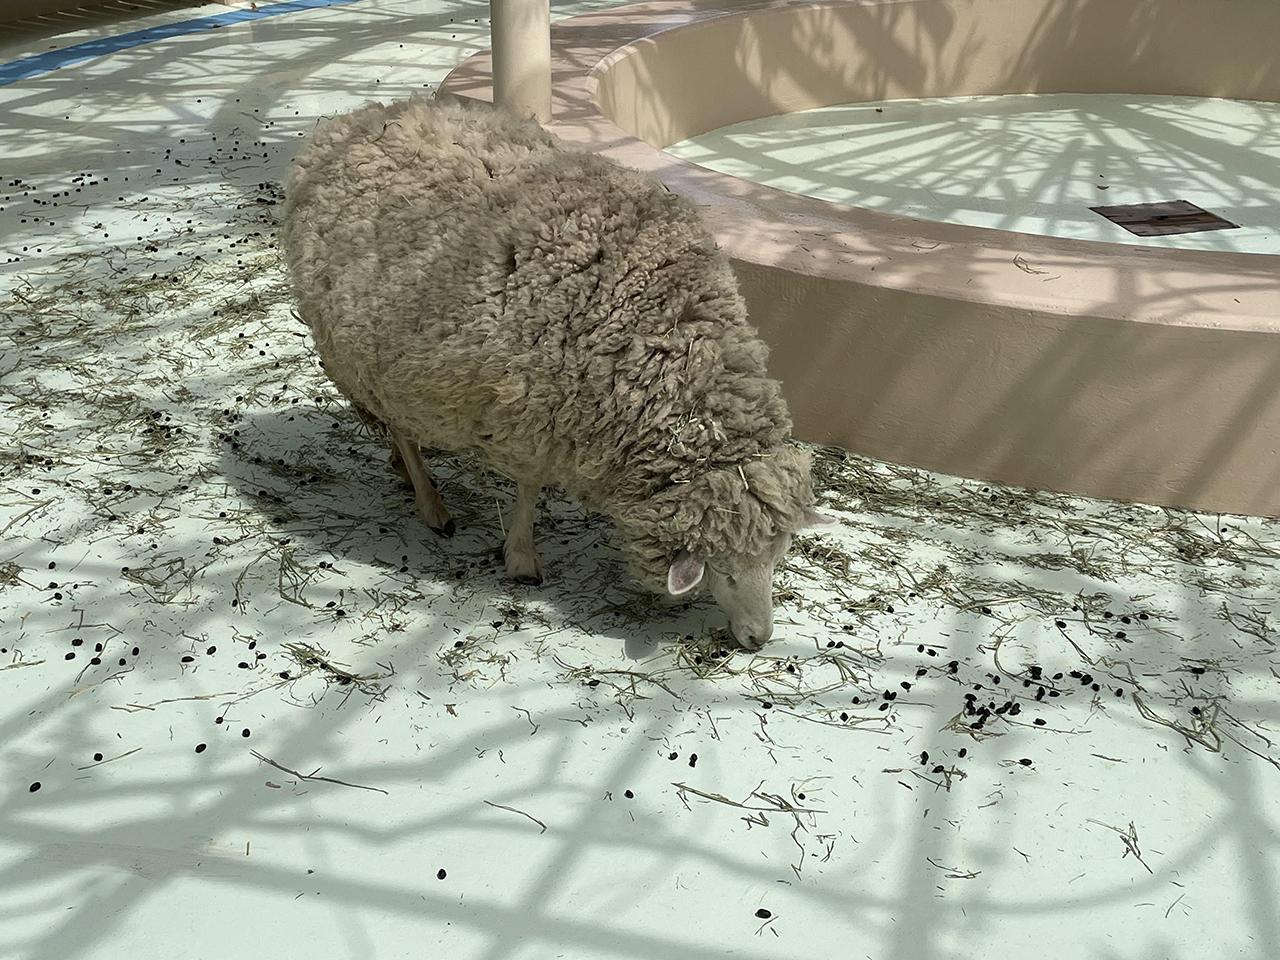 草を食べている羊の写真